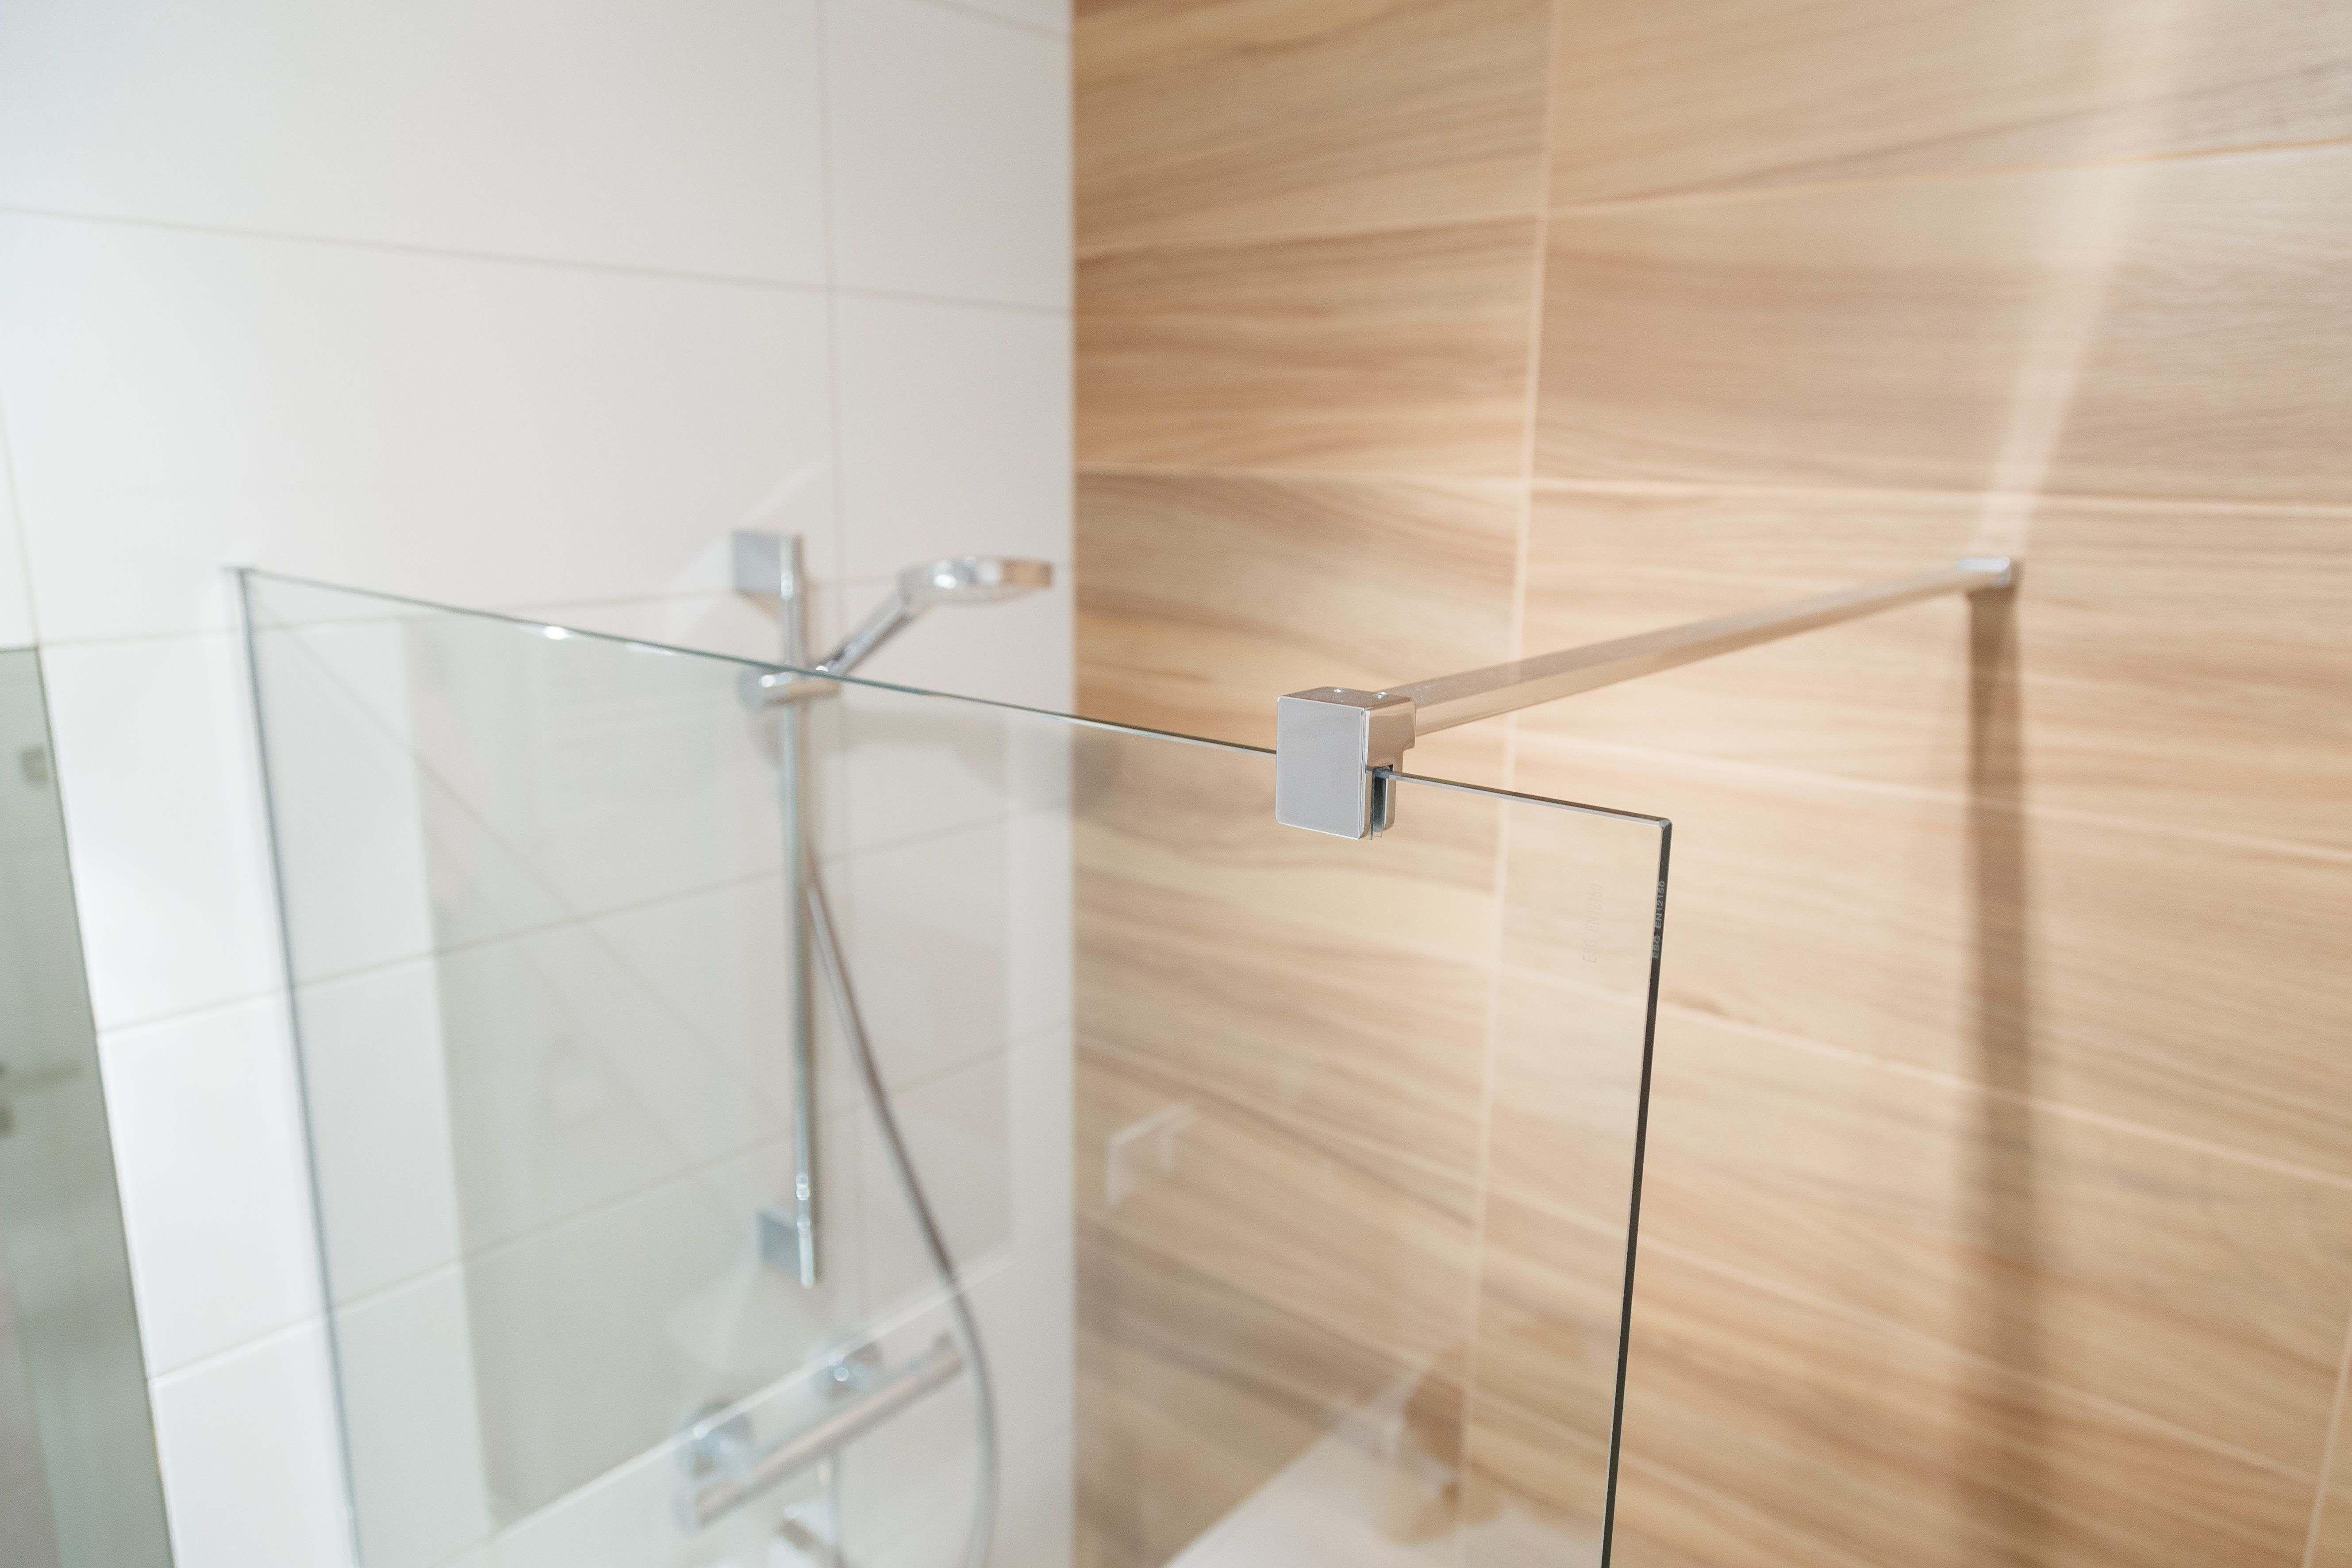 Cómo elegir  las fijaciones para puertas y mamparas de ducha